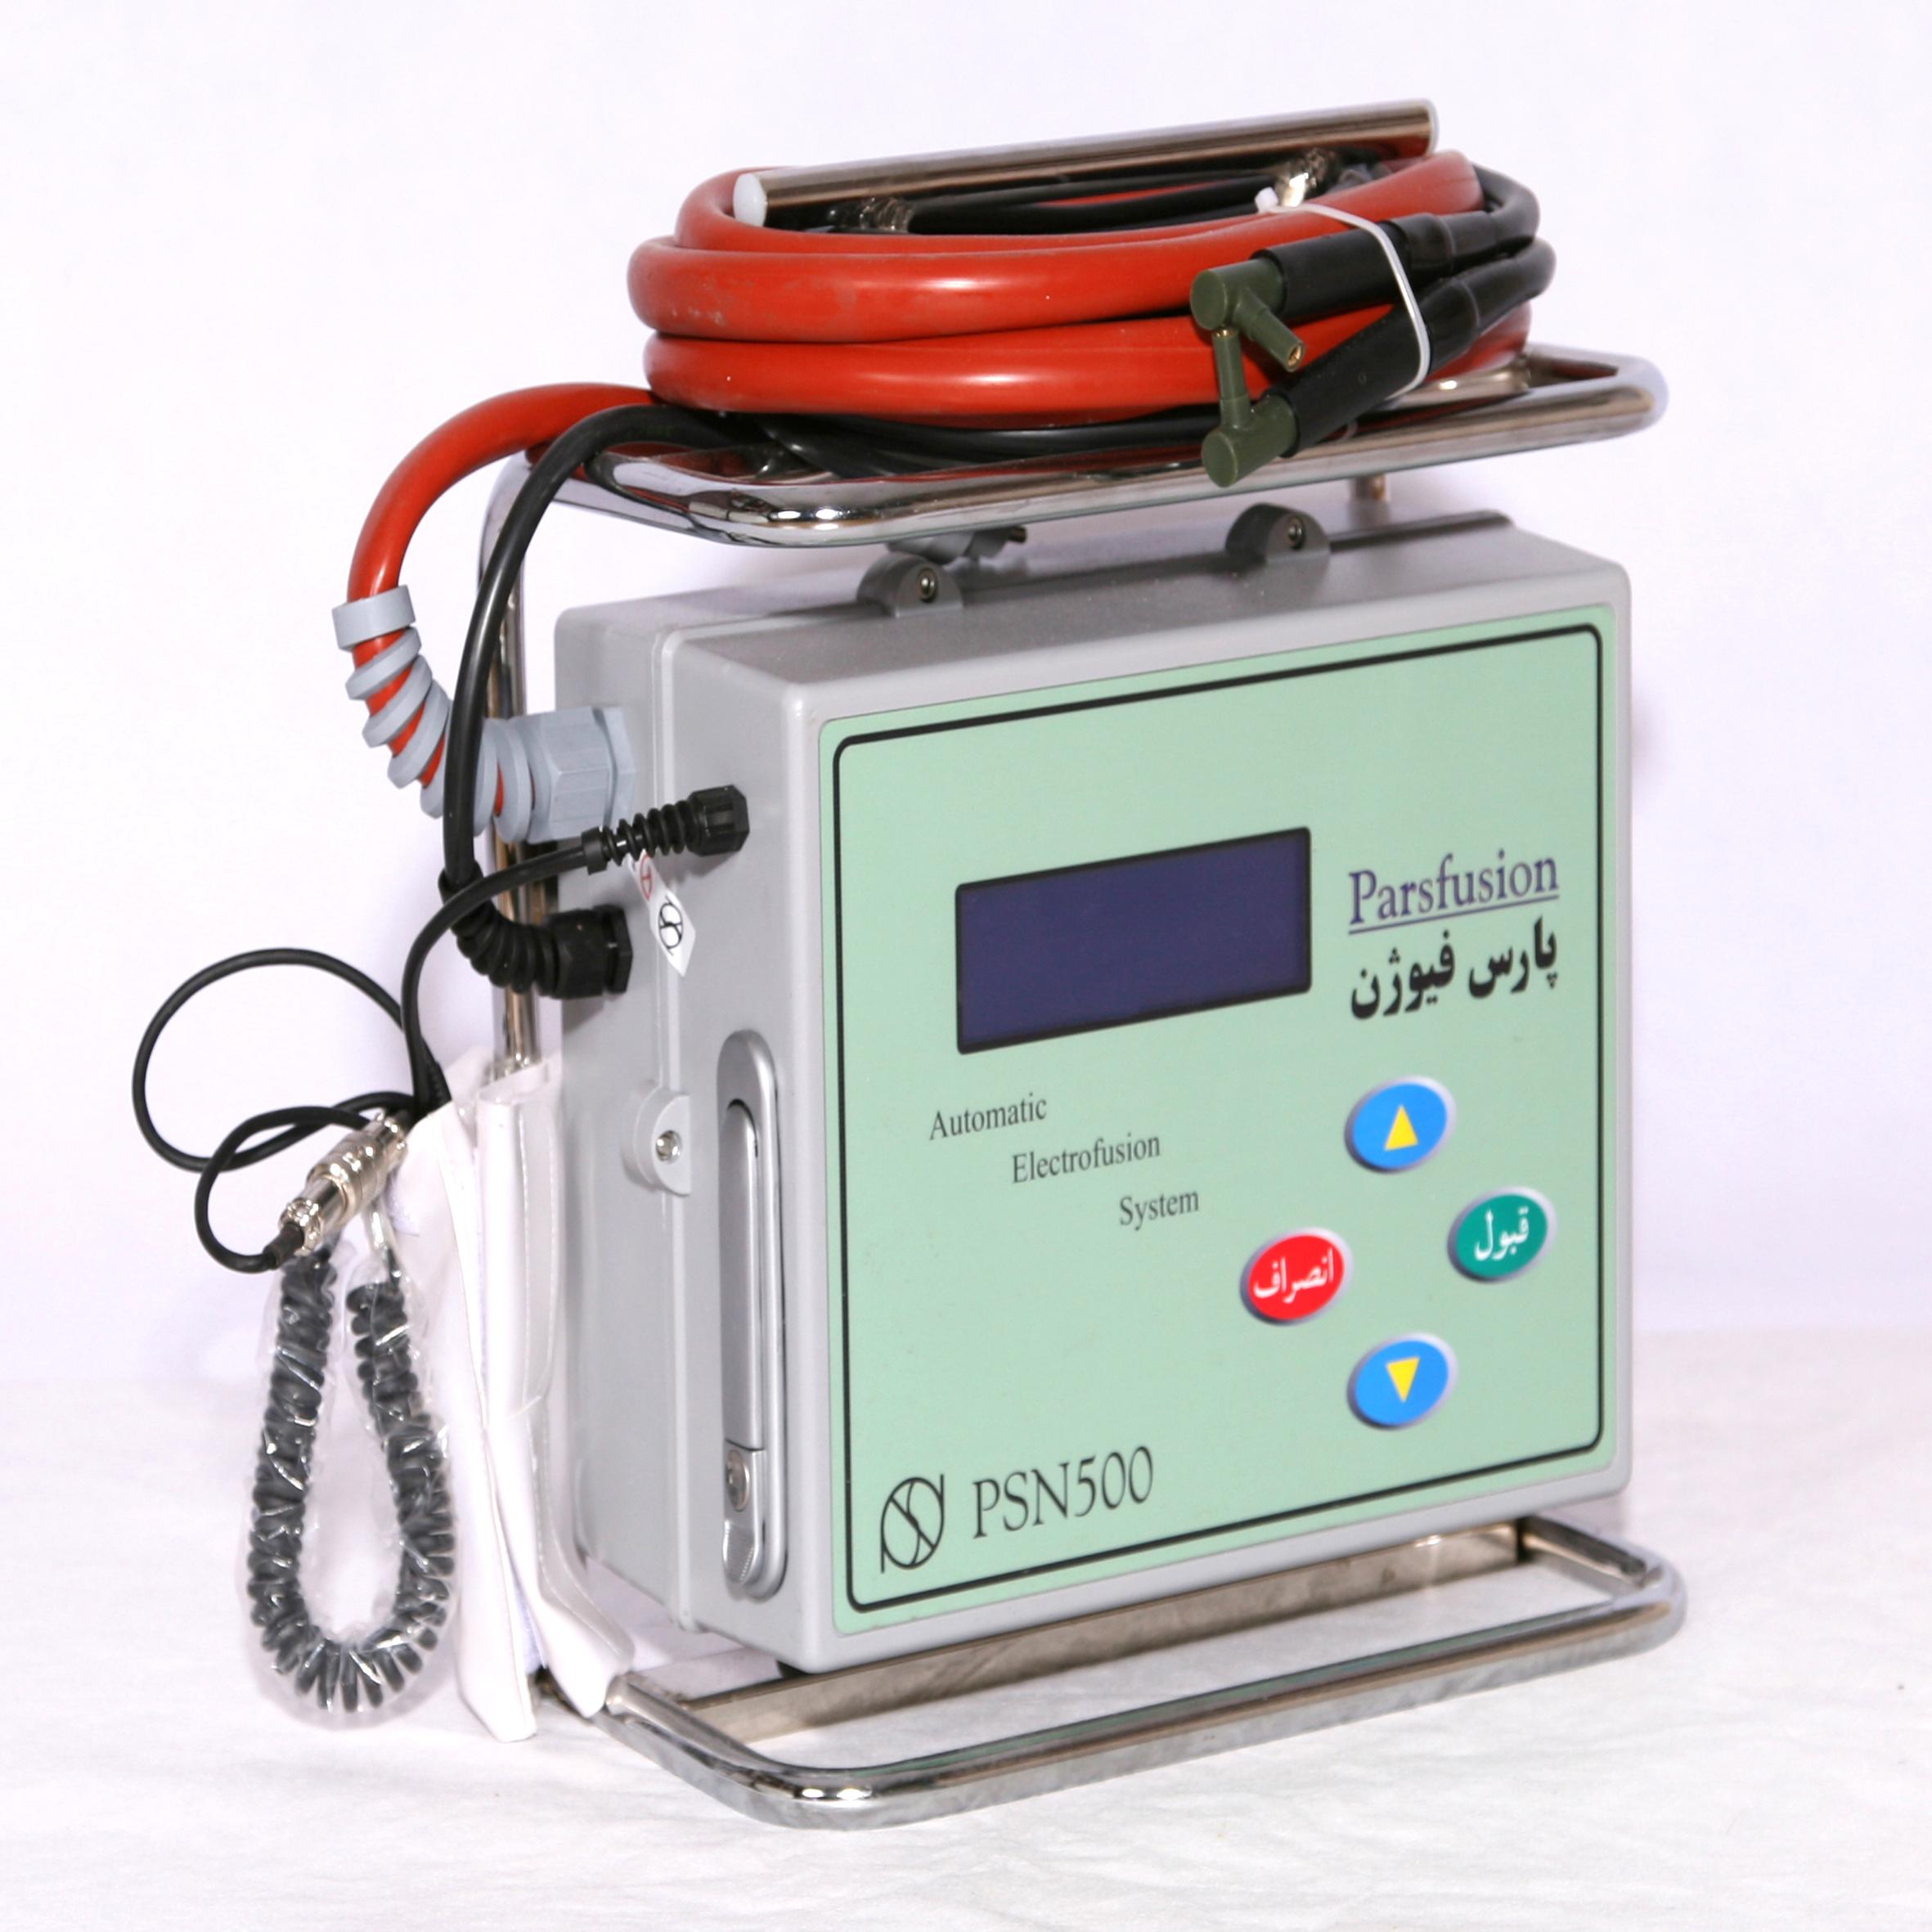 PSN500